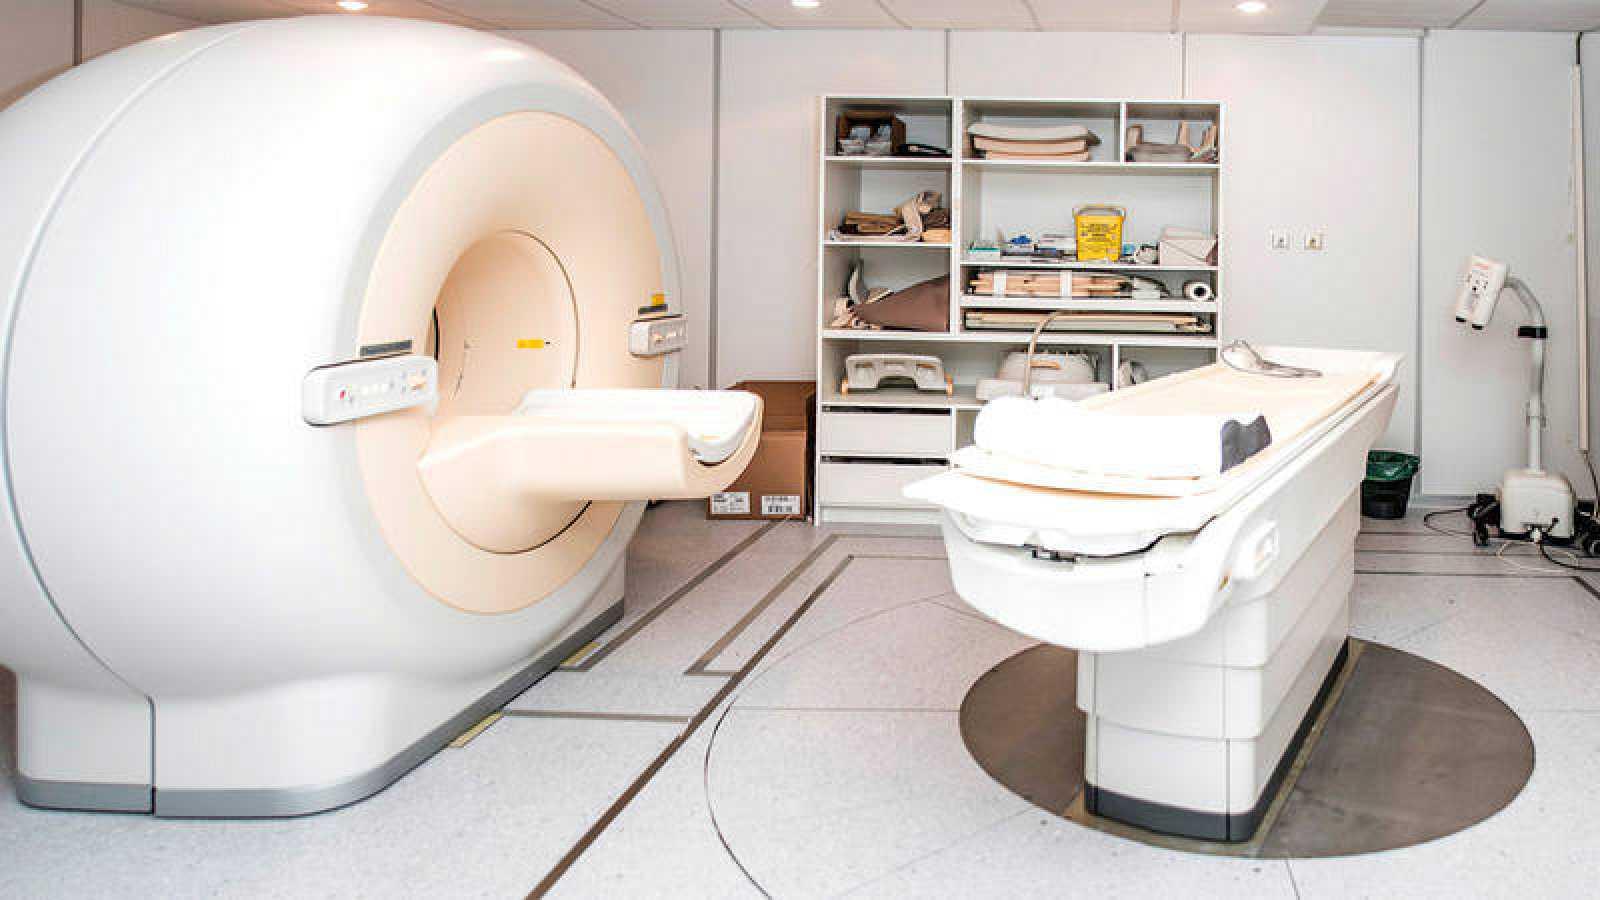 Equipo de imagen PET/RM, una innovadora técnica híbrida de Diagnóstico por Imagen de precisión.